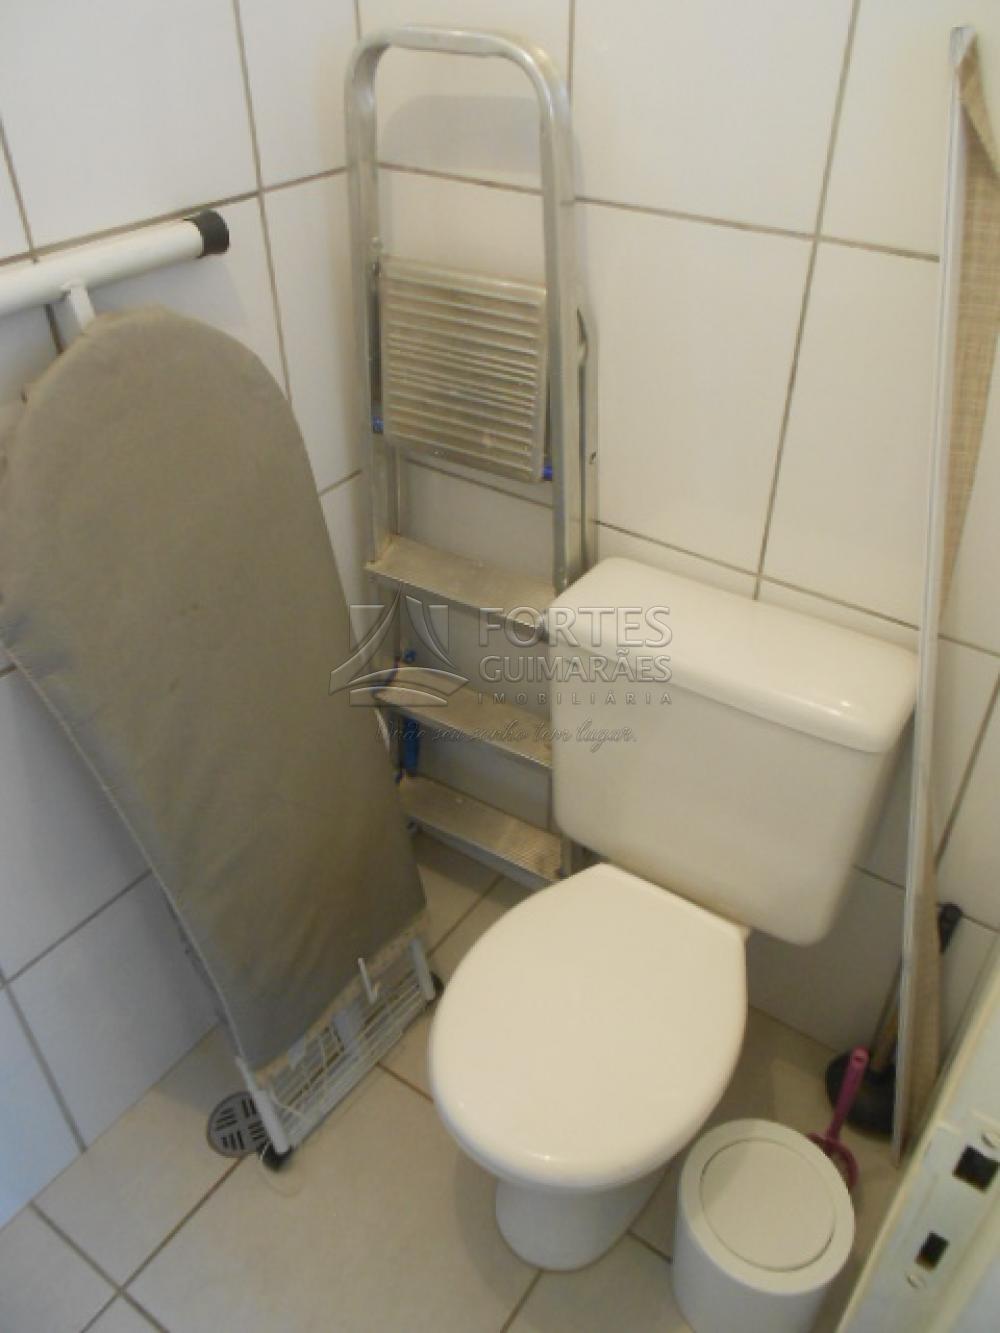 Alugar Apartamentos / Padrão em Ribeirão Preto apenas R$ 850,00 - Foto 39